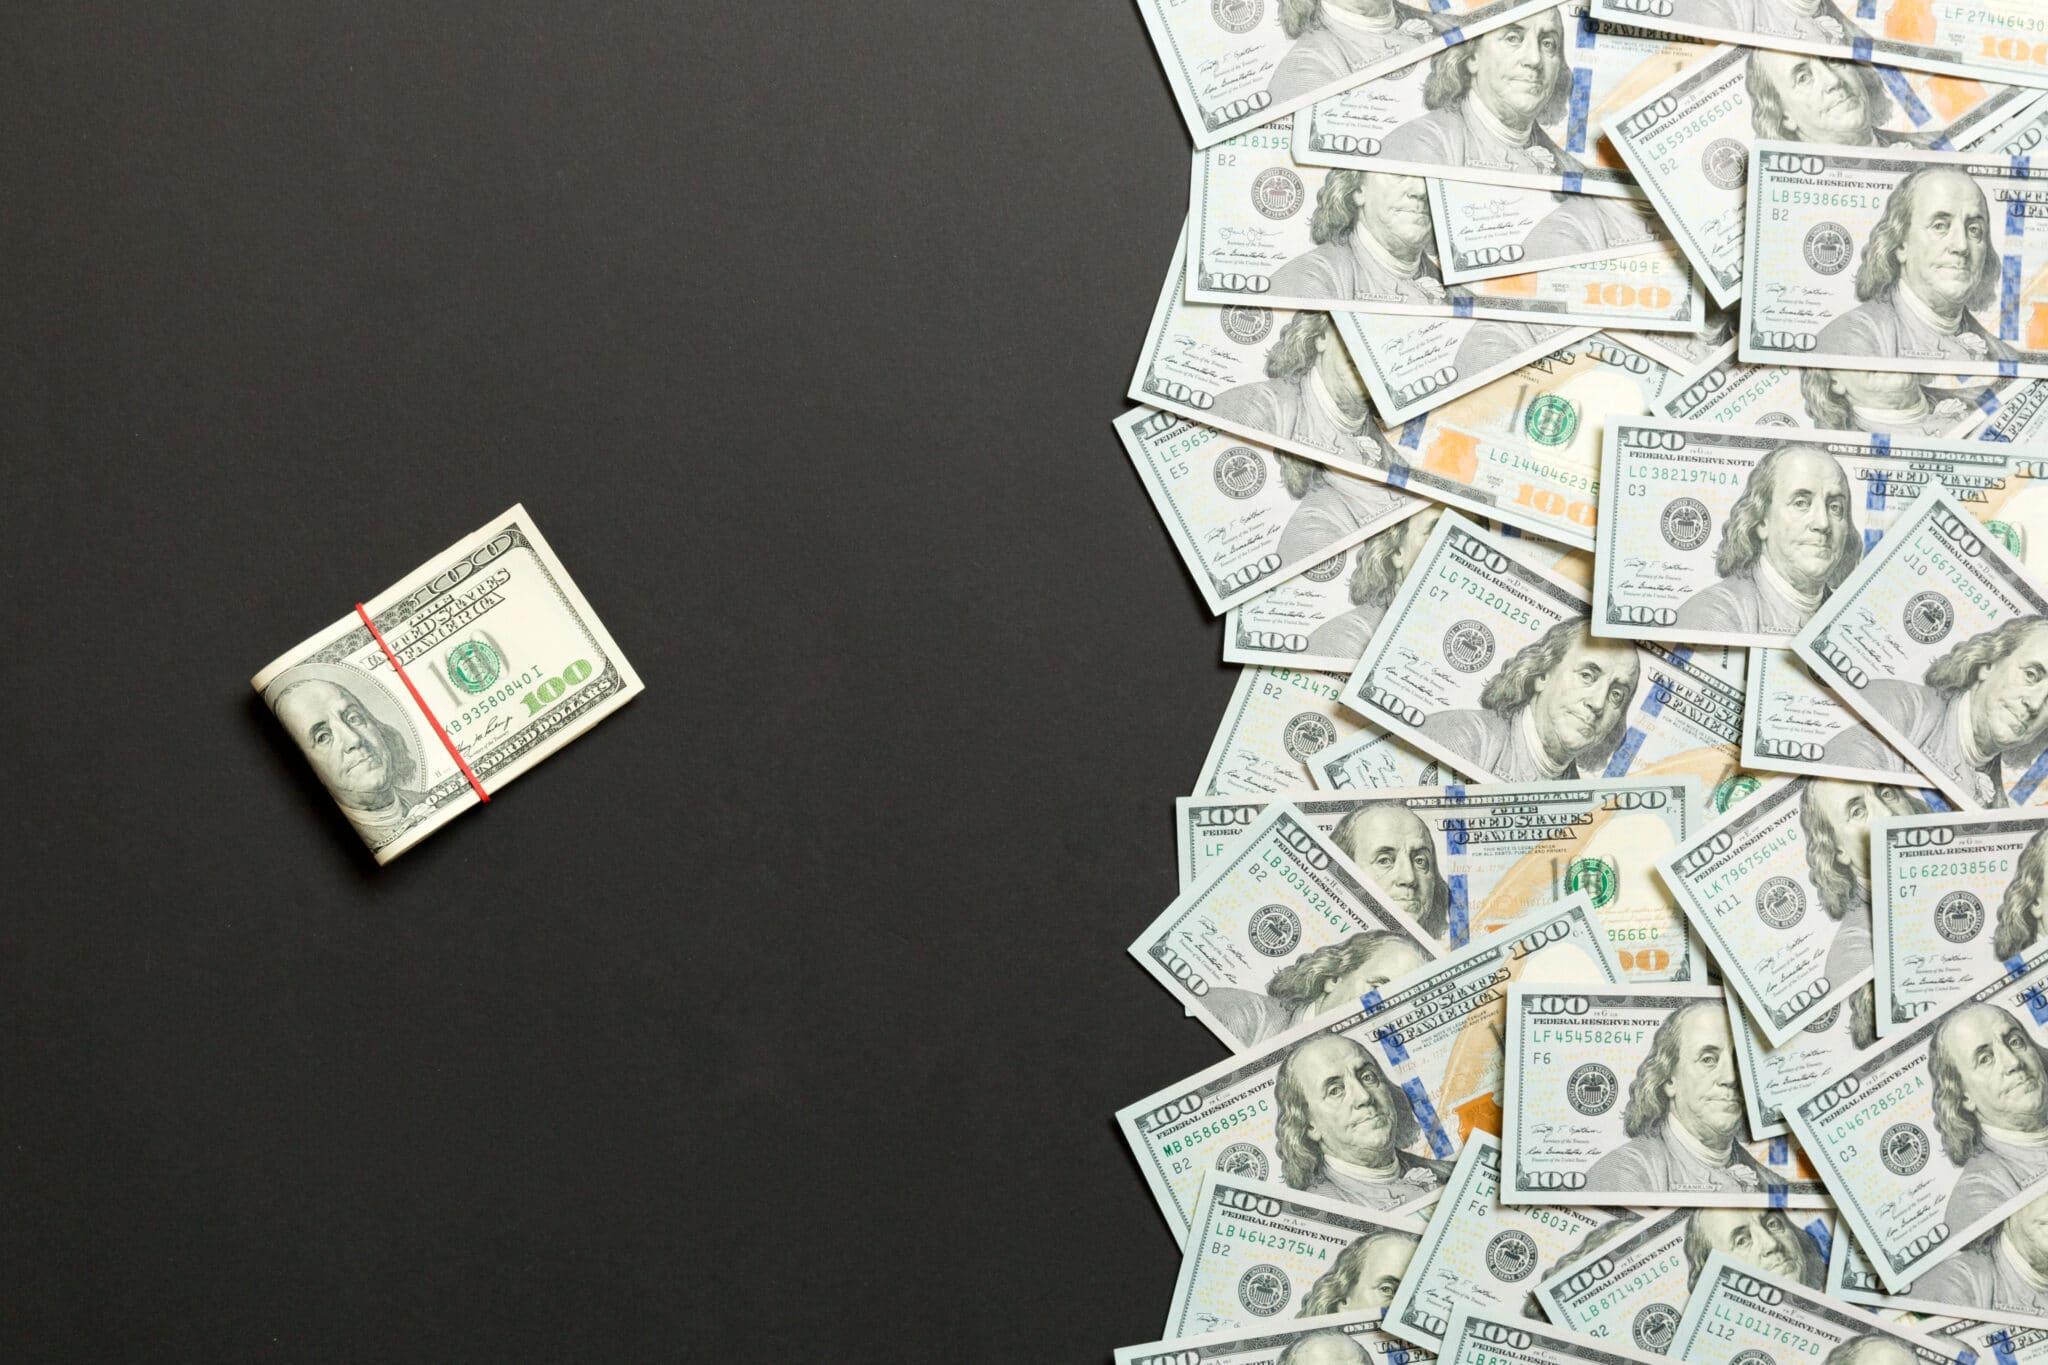 Femeie arata bani simpli